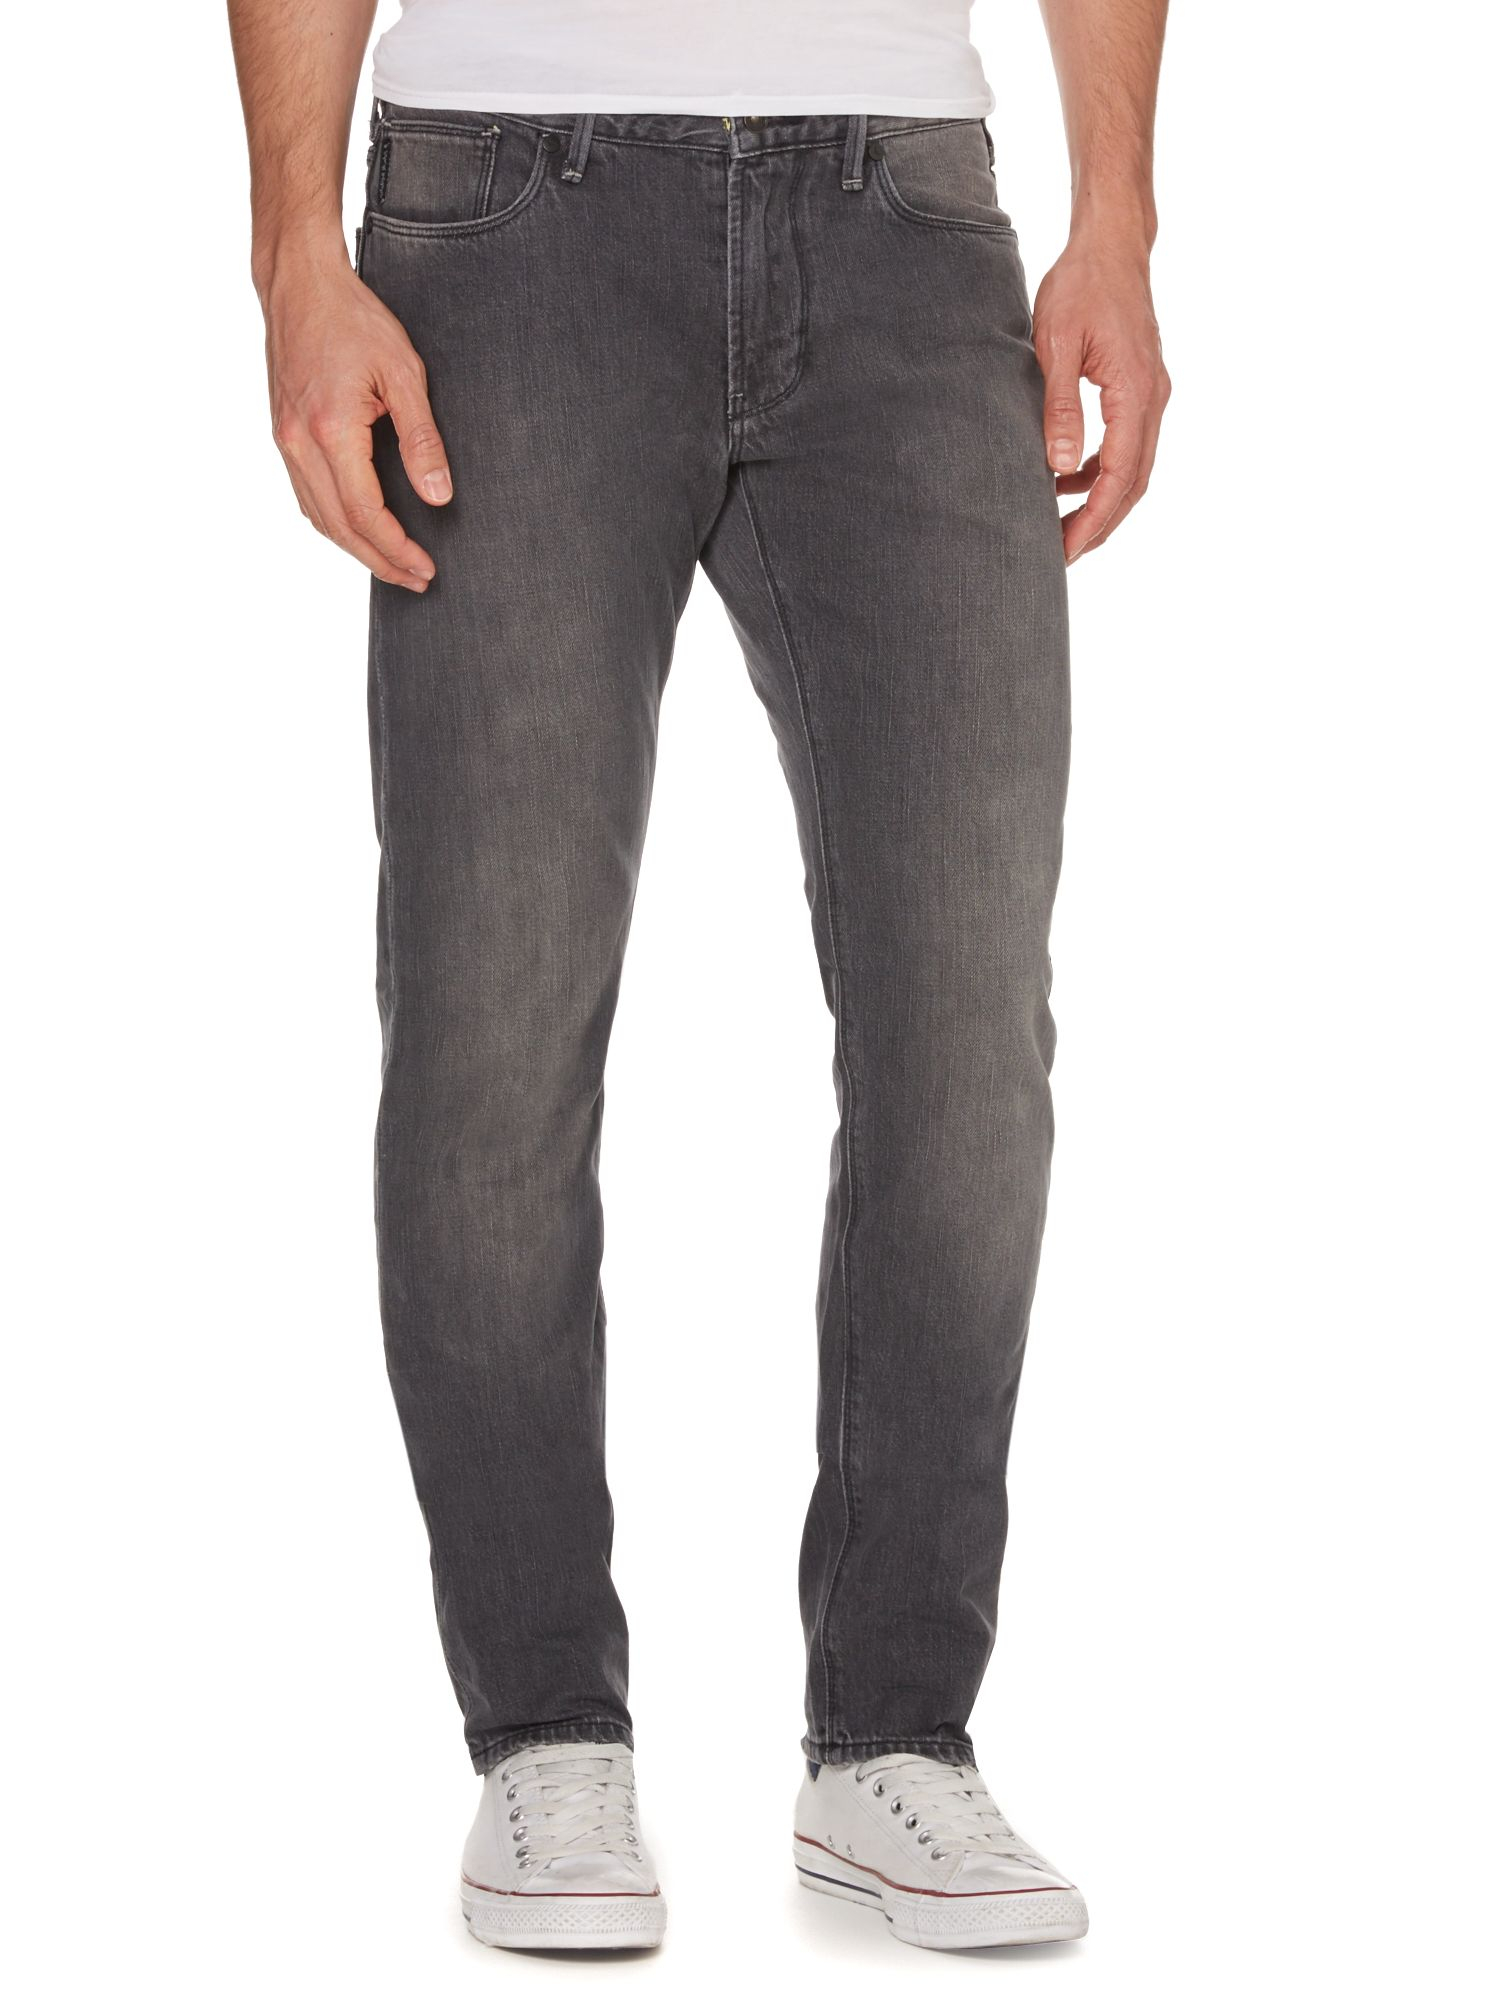 Wrangler Jeans For Men Slim Fit